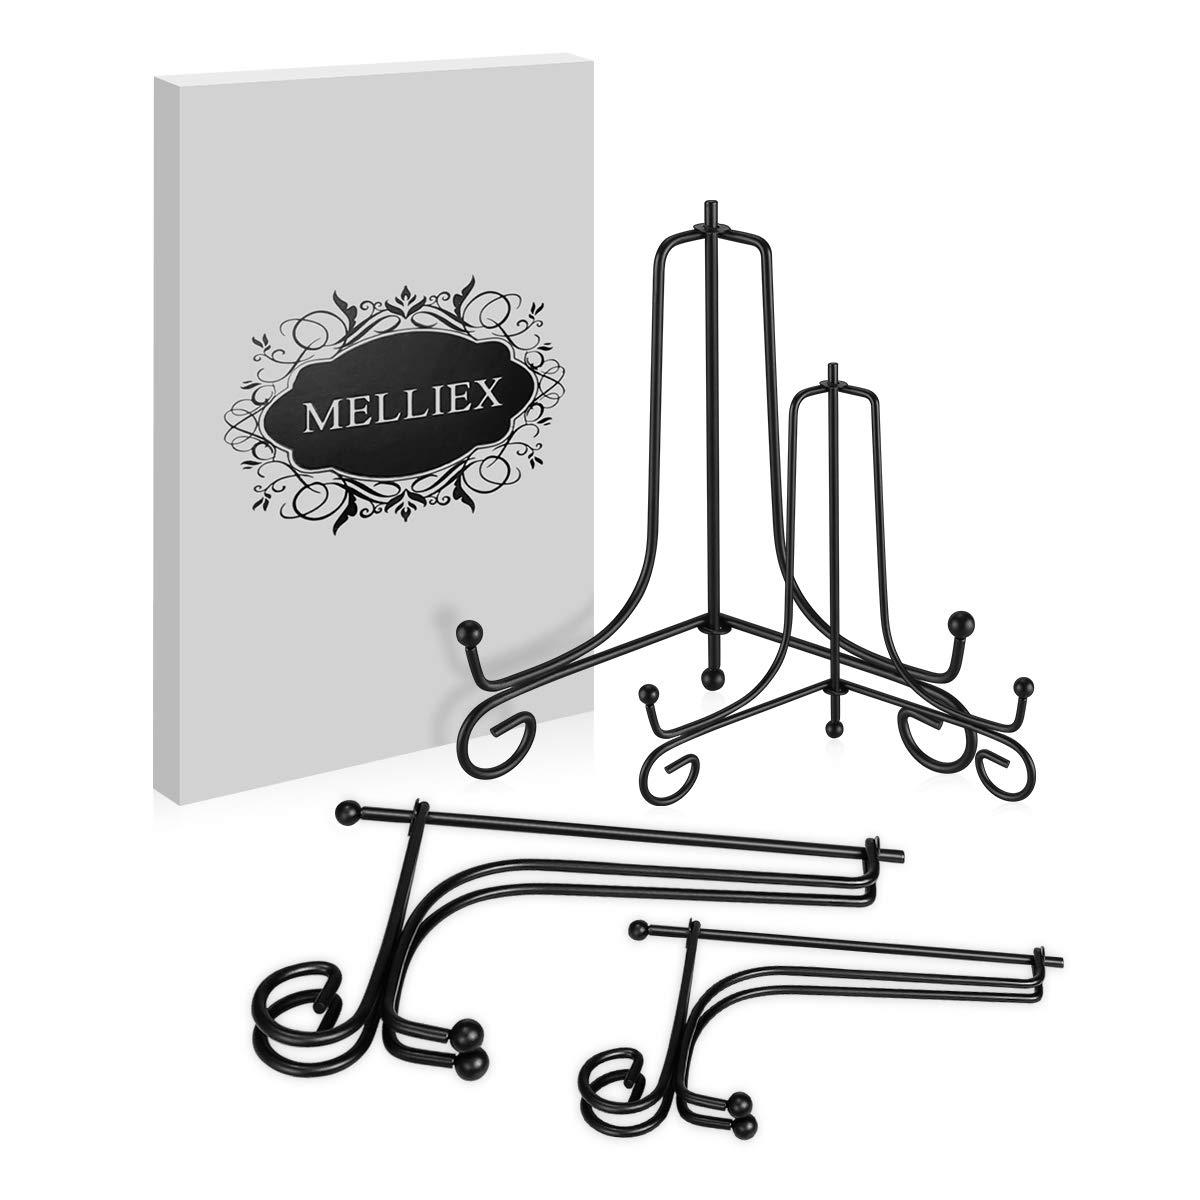 Piatti Tablet e Arte MELLIEX 4 /& 6 Pollici Ferro Supporto Cavalletto Decorativo per Foto Black 4 Pezzi cornici Libri di Cucina Piatti Decorativi